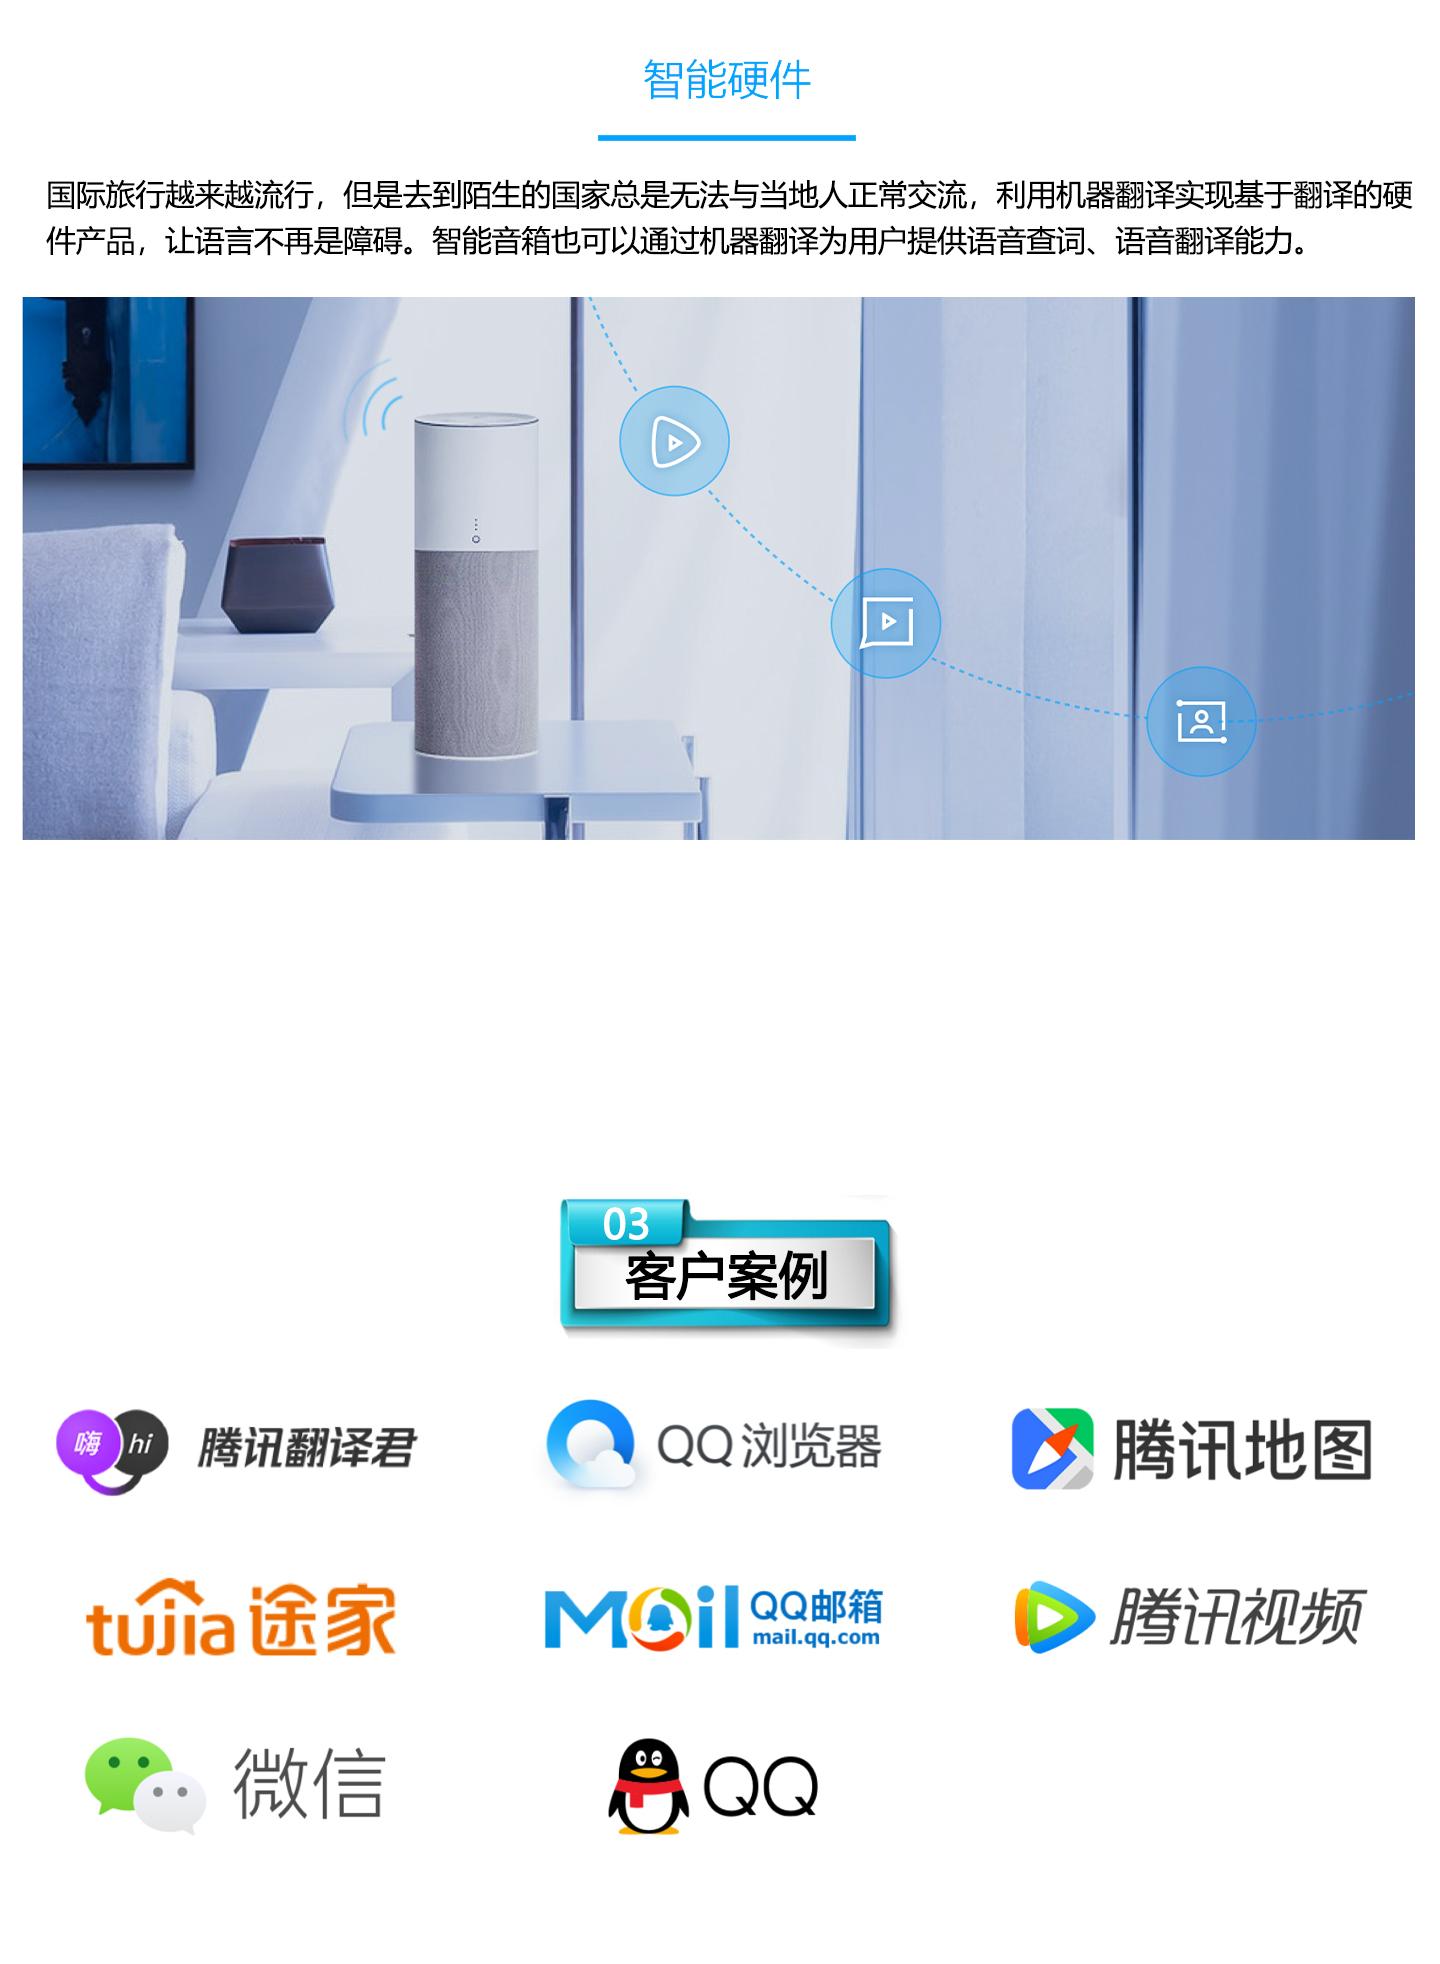 机器翻译-TMT-1440_04.jpg